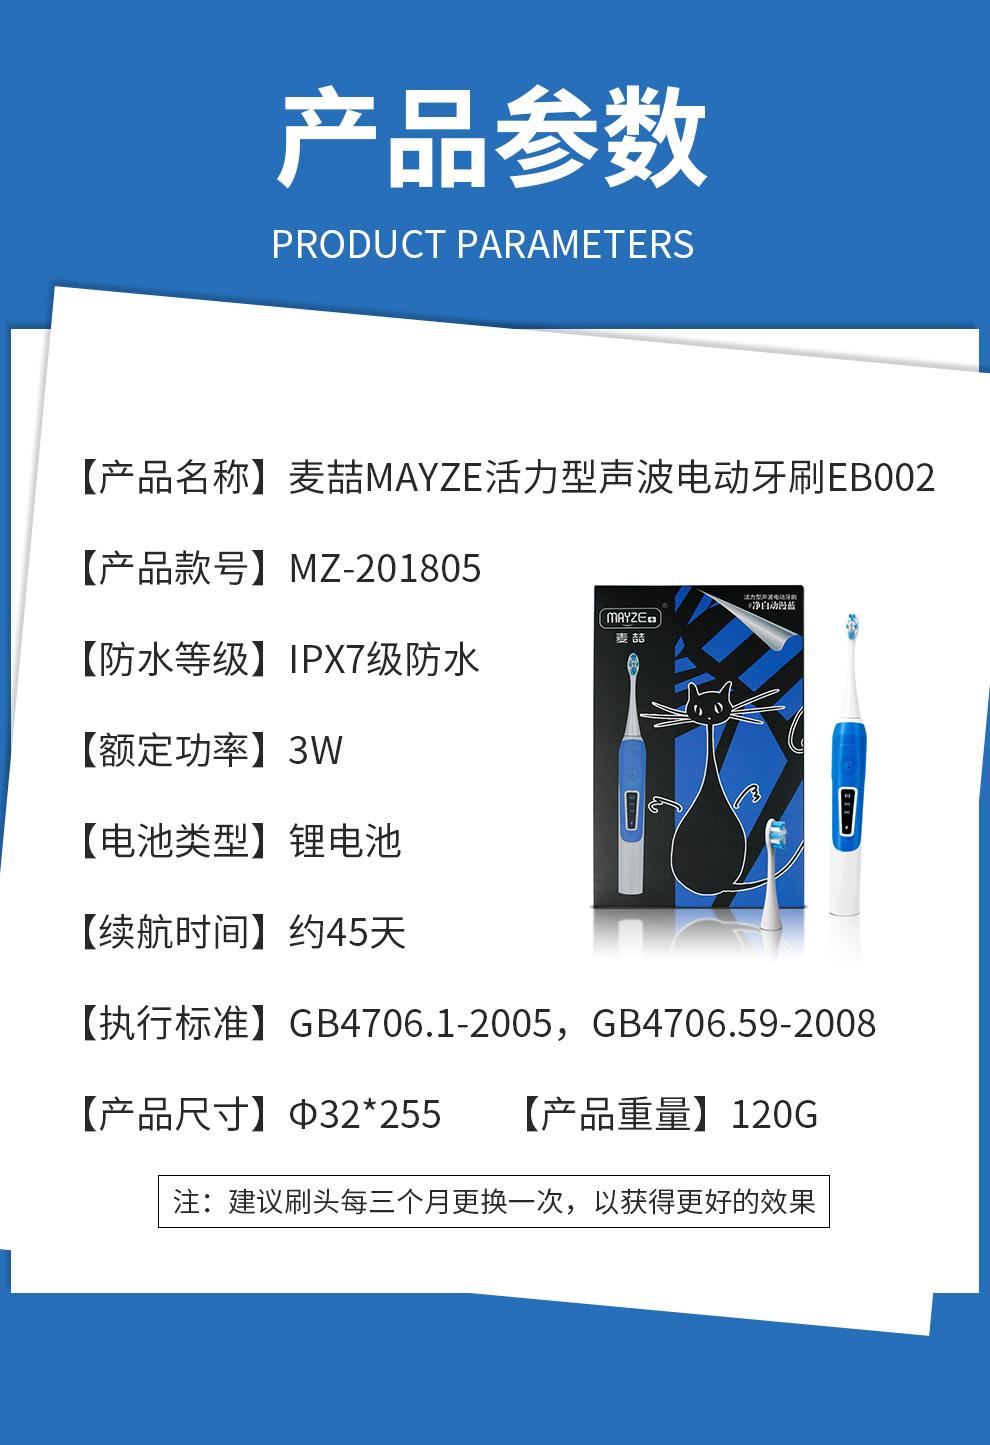 麦喆活力型声波电动牙刷MZ-201805(图18)